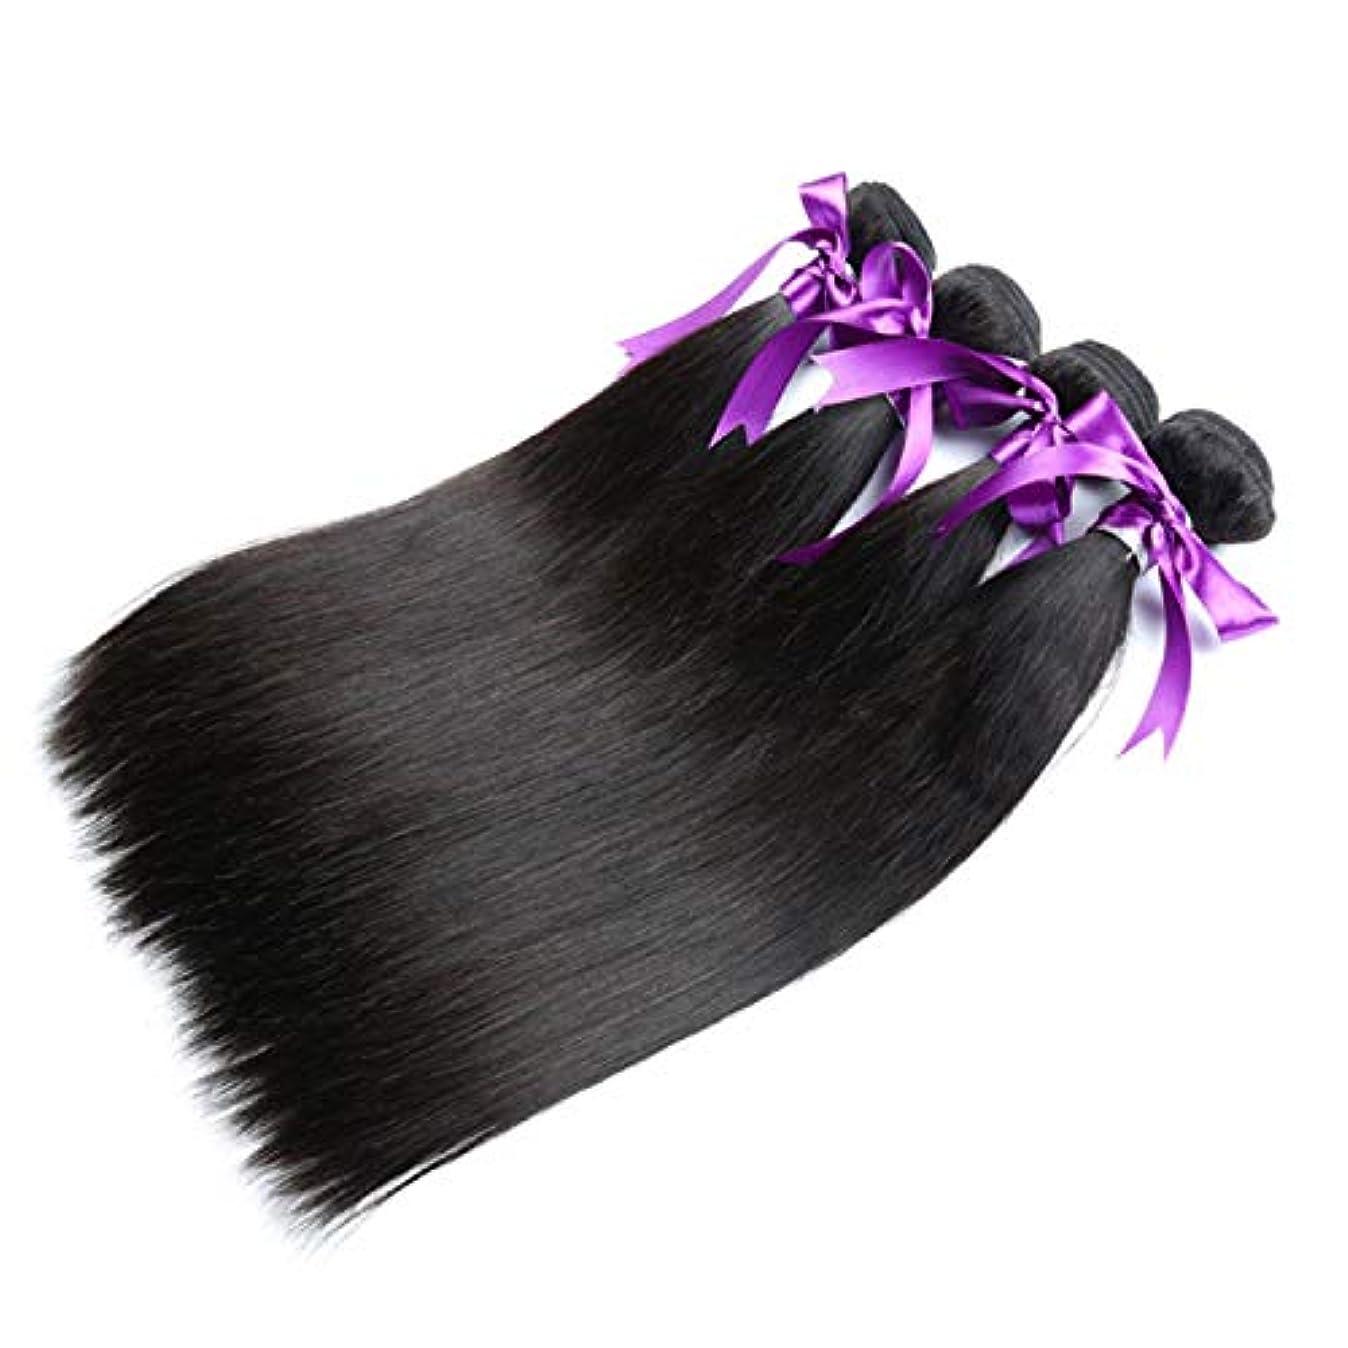 サイクル完了パン屋かつら ペルーのストレートヘア4本の人間の髪の毛の束非レミーの毛の延長ナチュラルブラック (Length : 18 20 22 22)